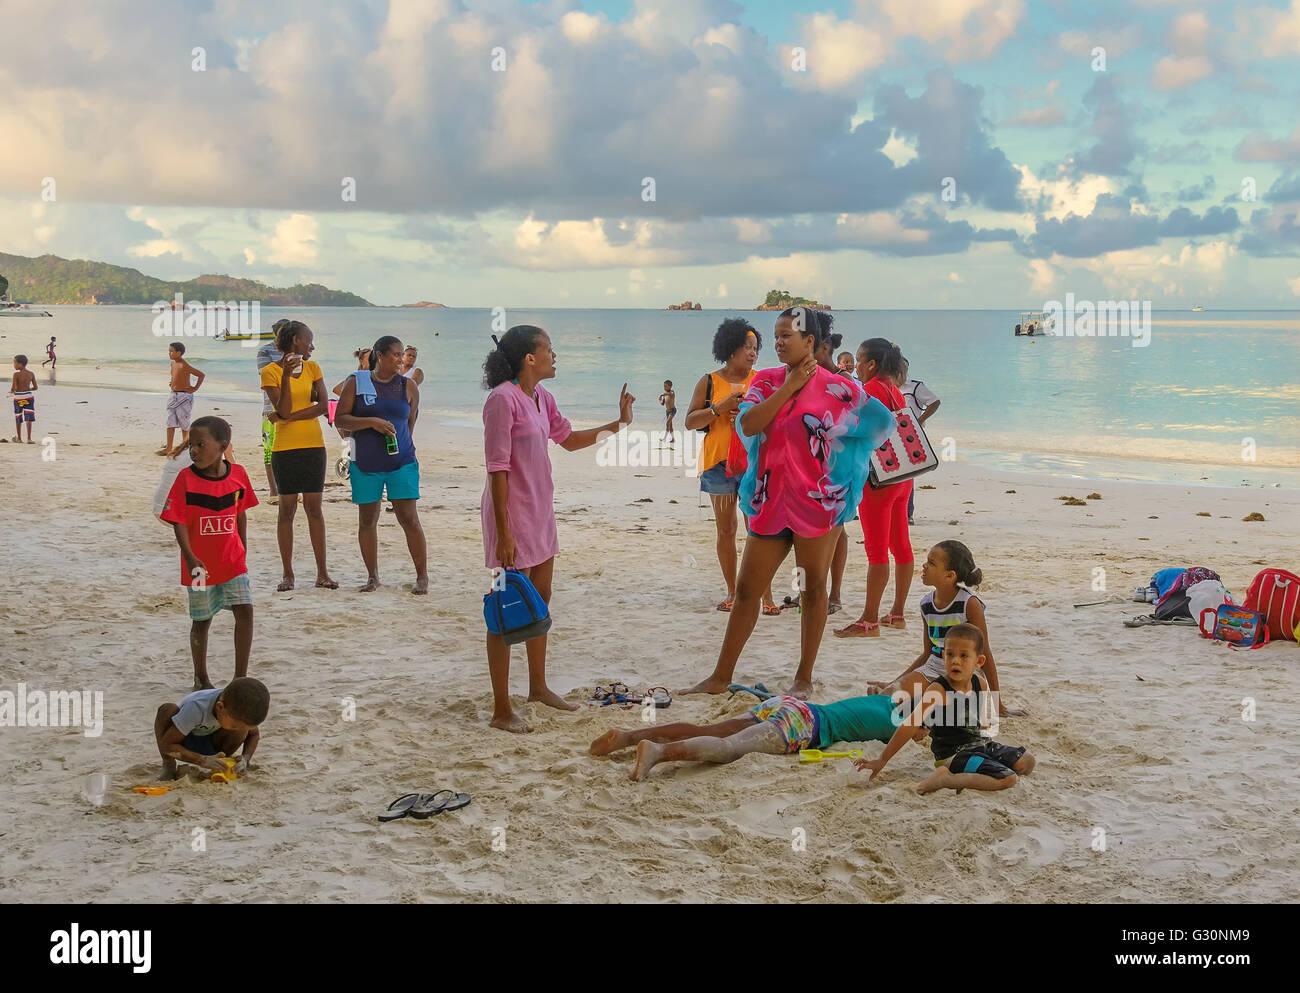 La gente local ideal para relajarse por las noches de fin de semana en la playa de la isla de Praslin, Seychelles Imagen De Stock